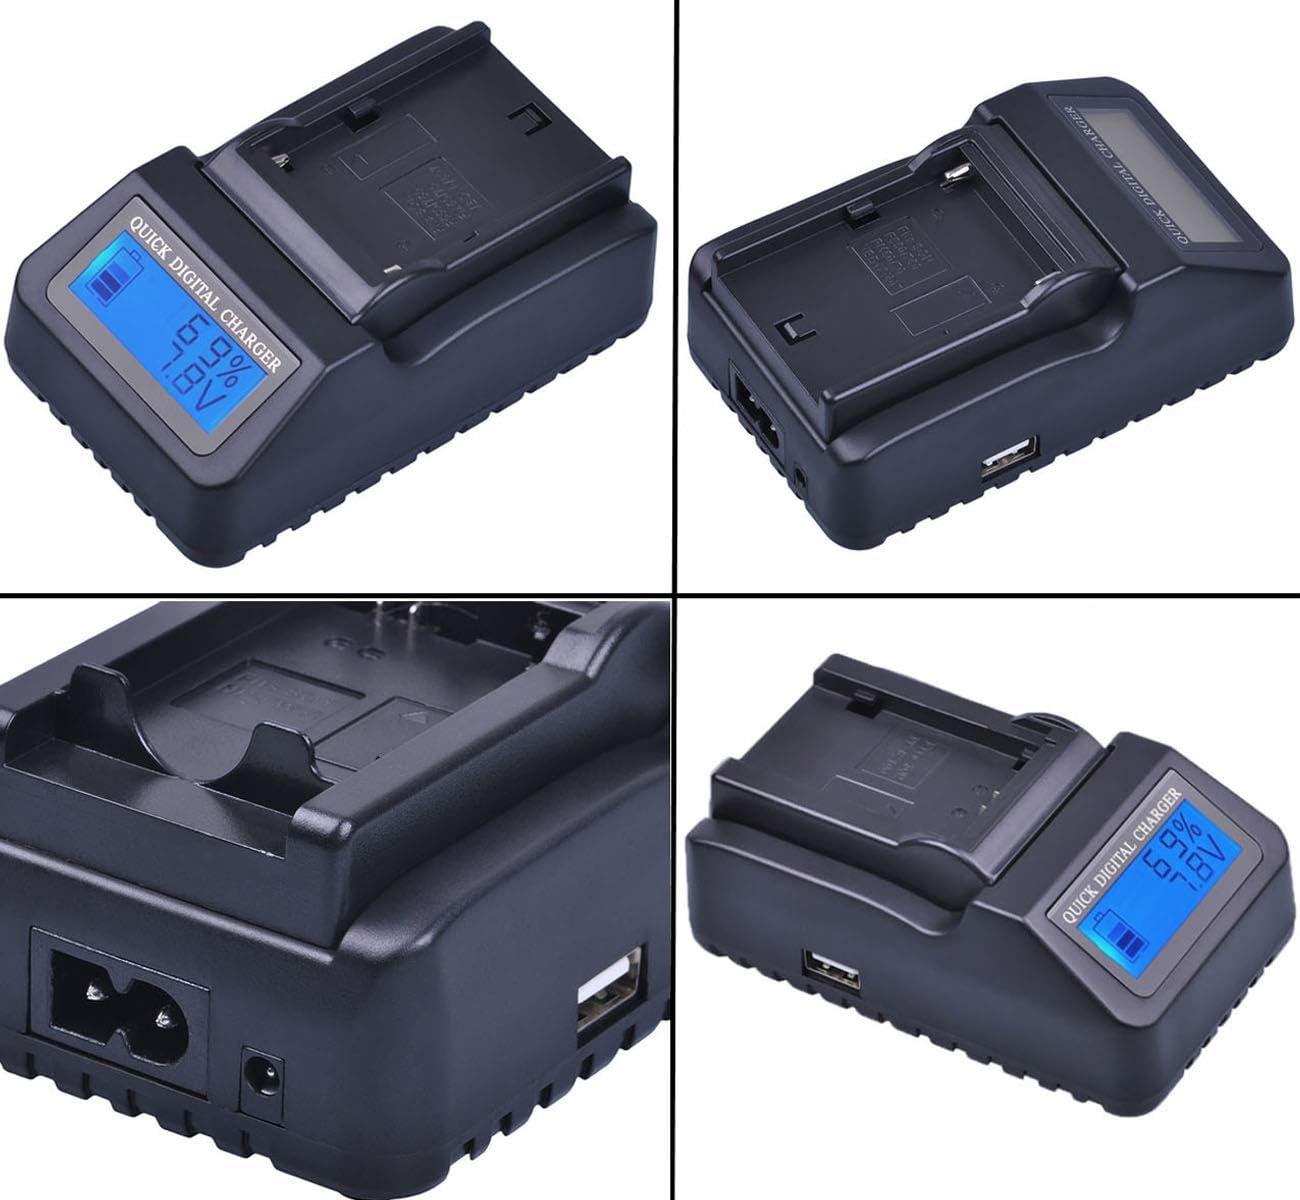 DCR-TRV460E Handycam Camcorder Battery Charger for Sony DCR-TRV260E DCR-TRV270E